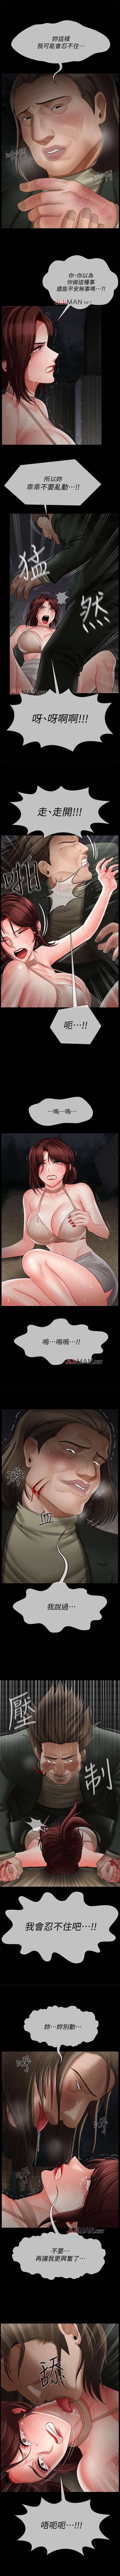 【已休刊】坏老师(作者:朴世談&福) 第1~31话 68